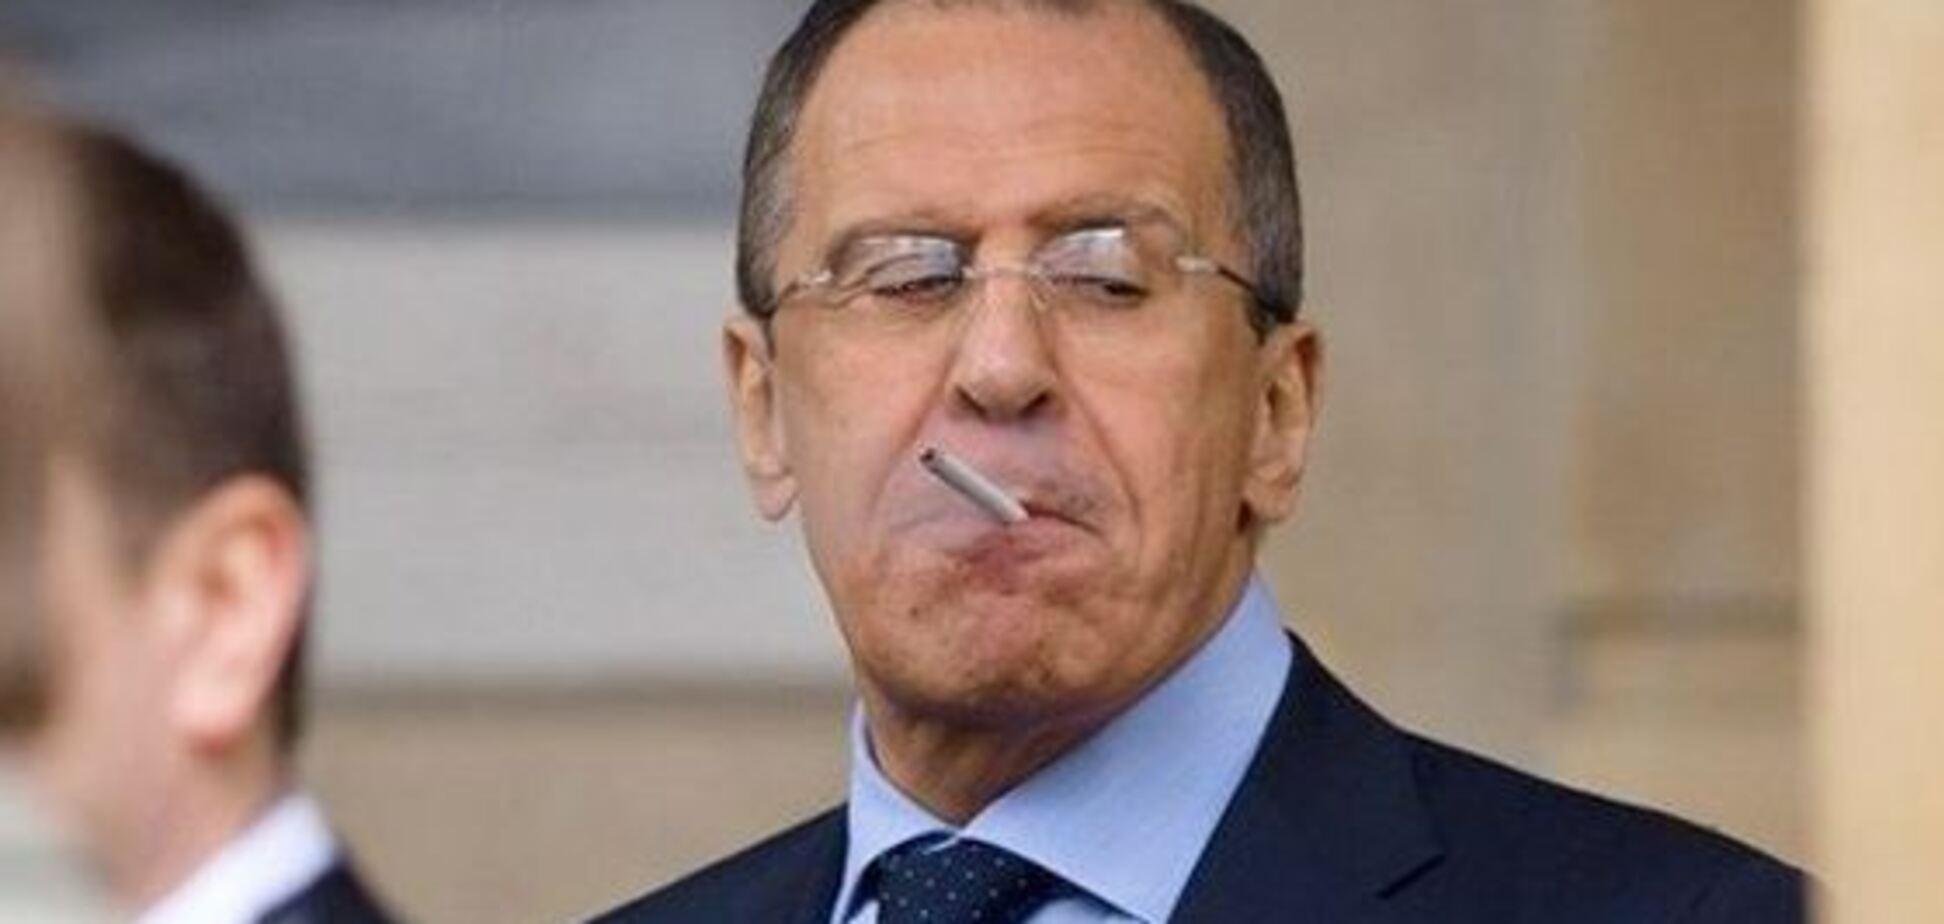 Лавров разразился угрозами из-за реинтеграции Донбасса: в Украине ответили